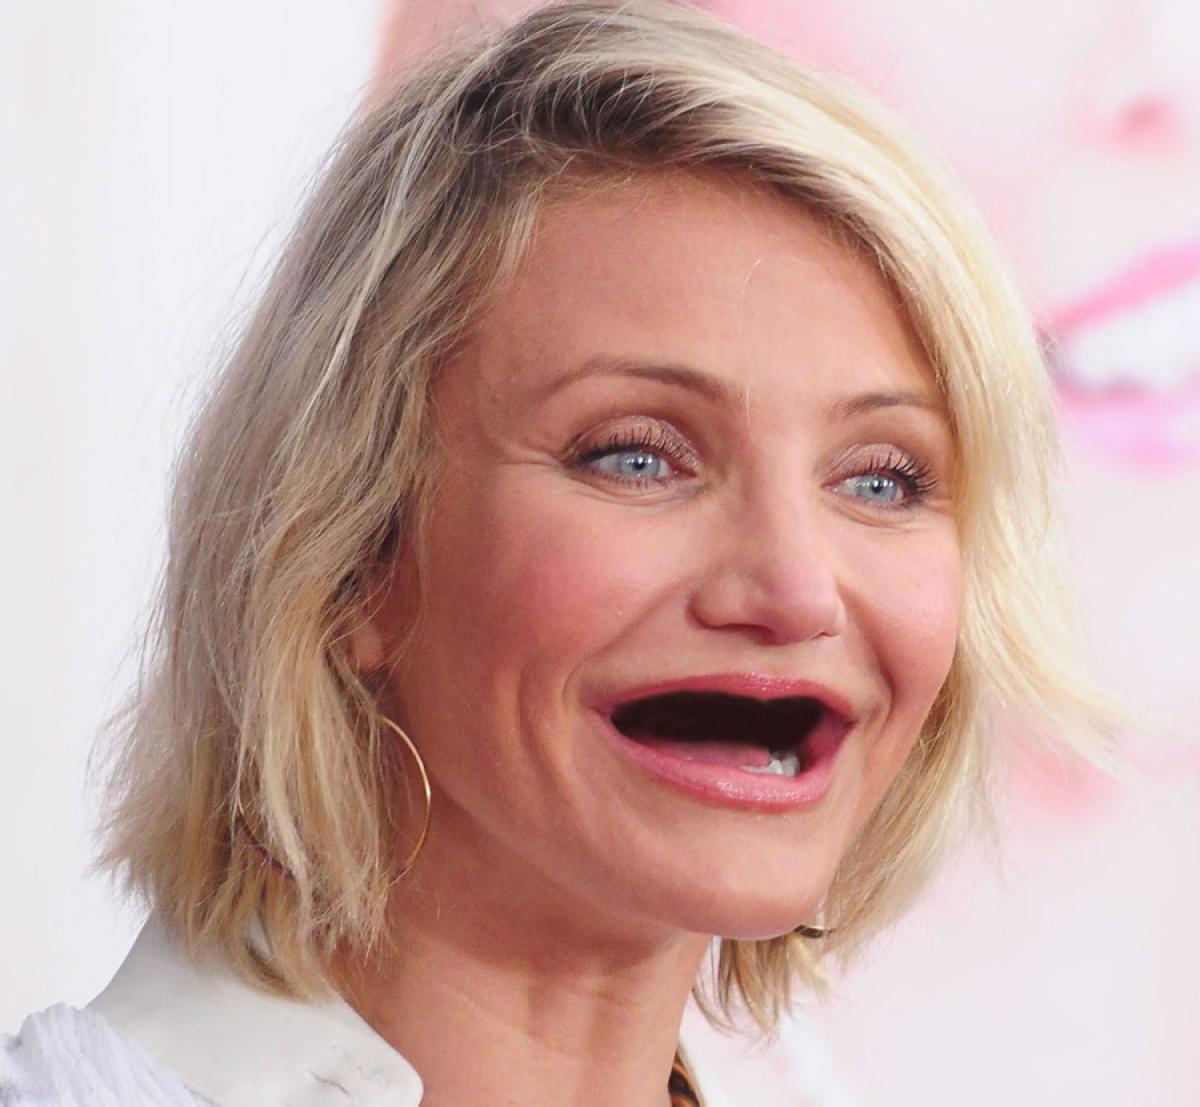 Улыбка без зубов фото смешные